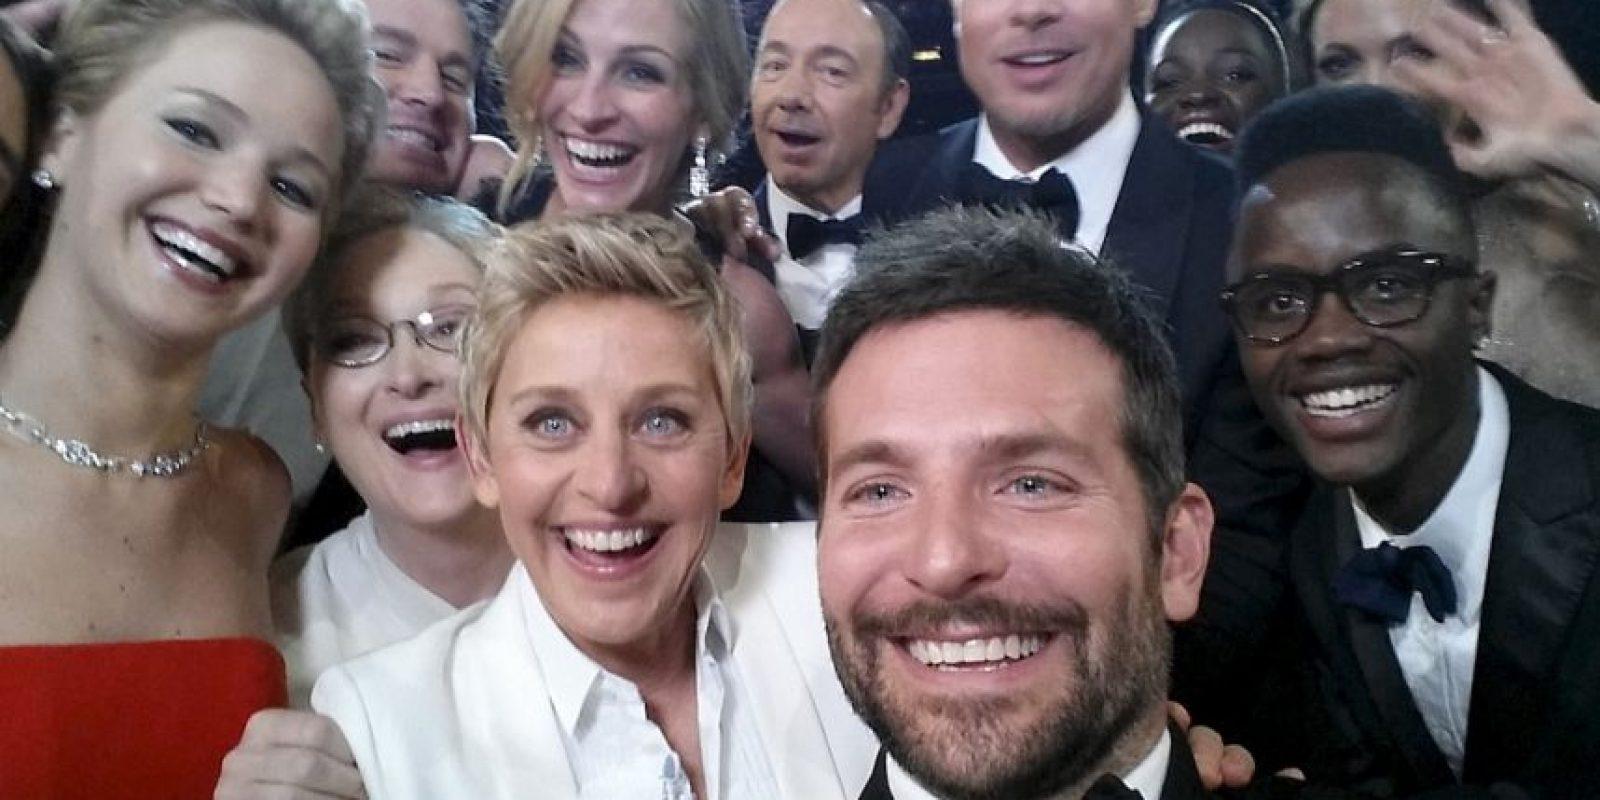 Nadie puede olvidar la selfie de los Oscar 2014 que hizo la comediante Ellen Degeneres, mientras conducía el show. Gracias a eso, Ellen ahora tiene el récord por el mensaje más retuiteado en Twitter. Foto:Getty Images